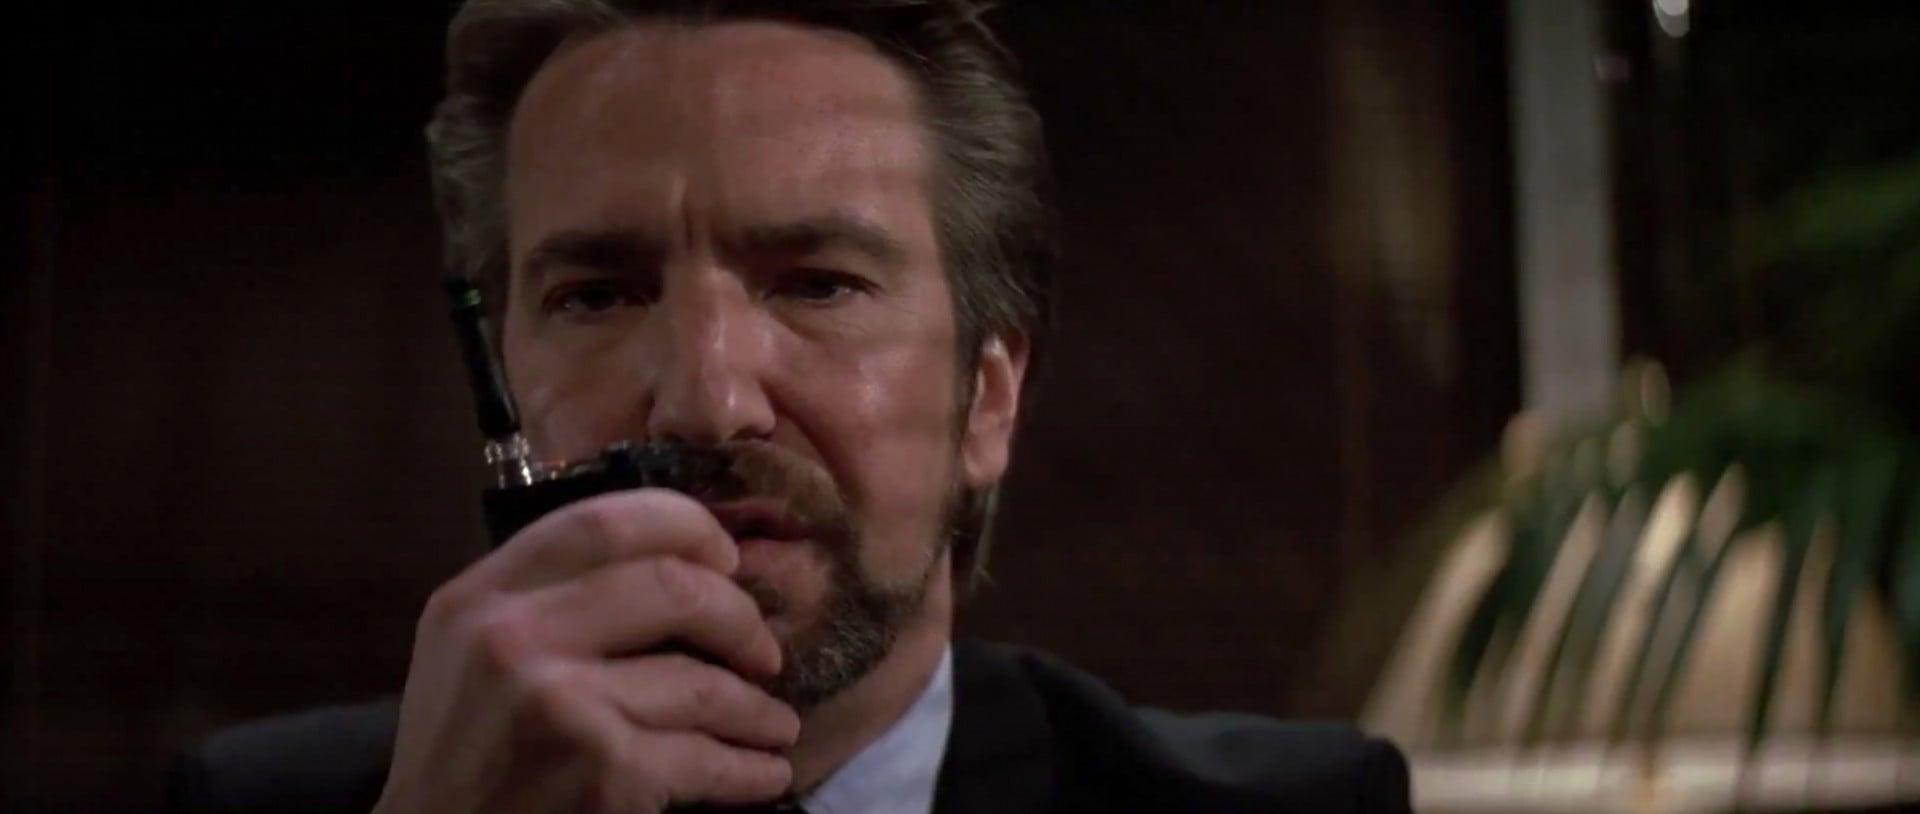 Alan Rickman in Die Hard (1988)